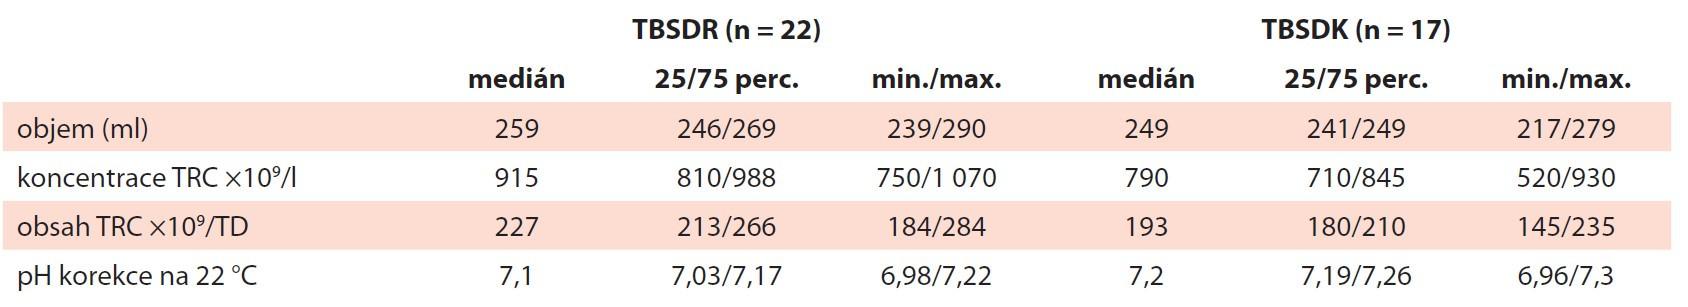 Kvalitativní parametry. Přehled měřených kvalitativních parametrů u TBSDR a TBSDK – objem, koncentrace a obsah TRC, pH po zmražení a rekonstituci.